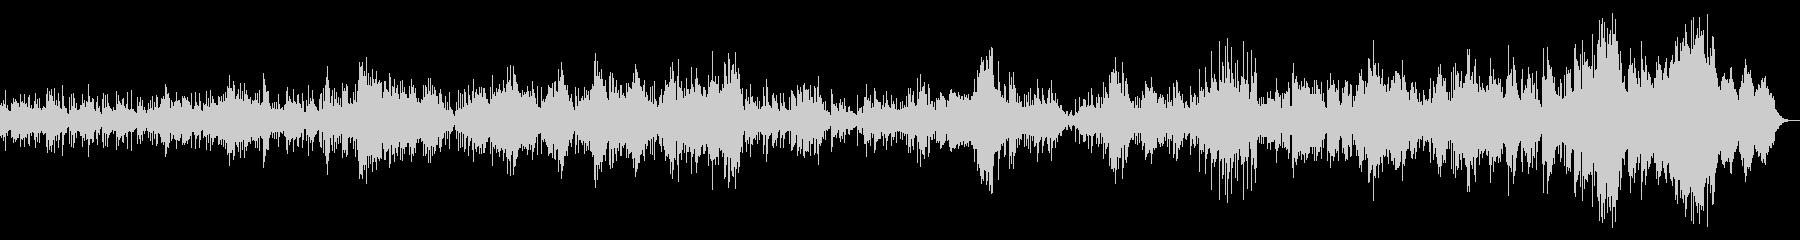 中低域が暖かい音質のフュージョン曲の未再生の波形